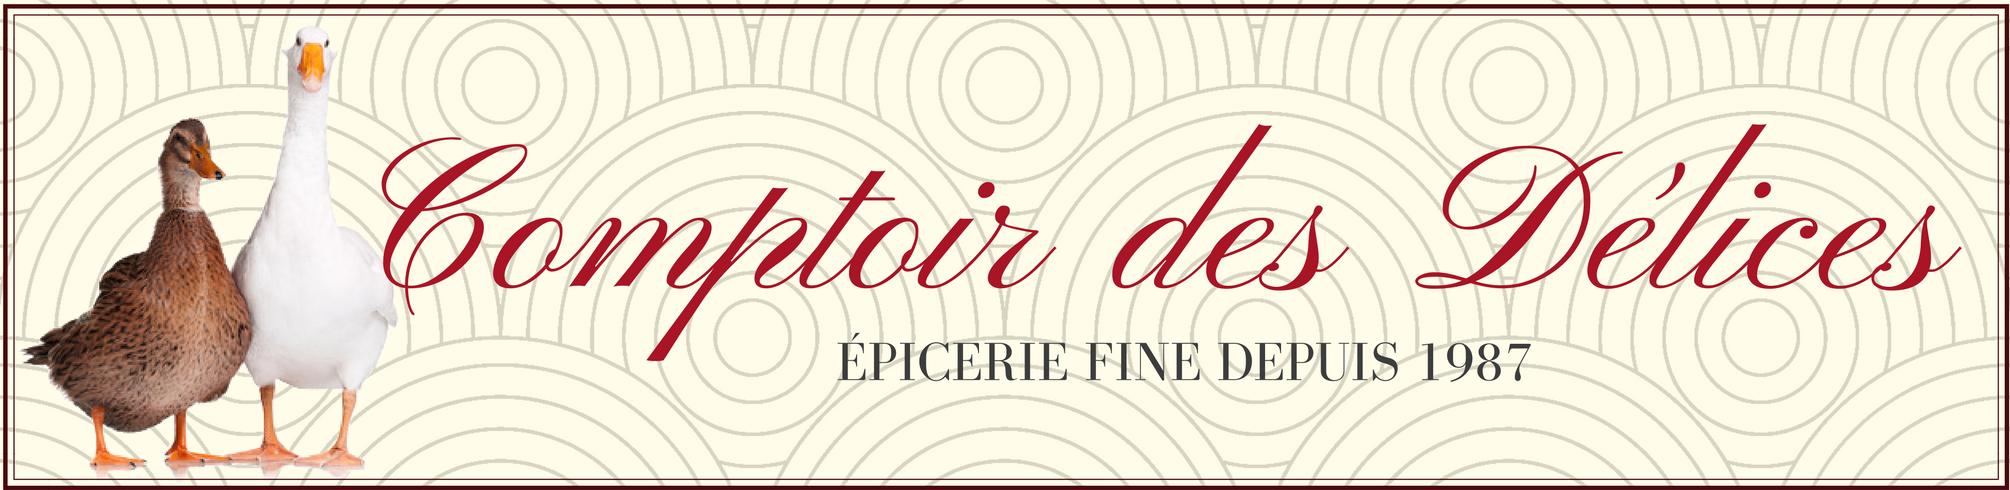 Violette de toulouse comptoir des d lices for Comptoir du carrelage toulouse